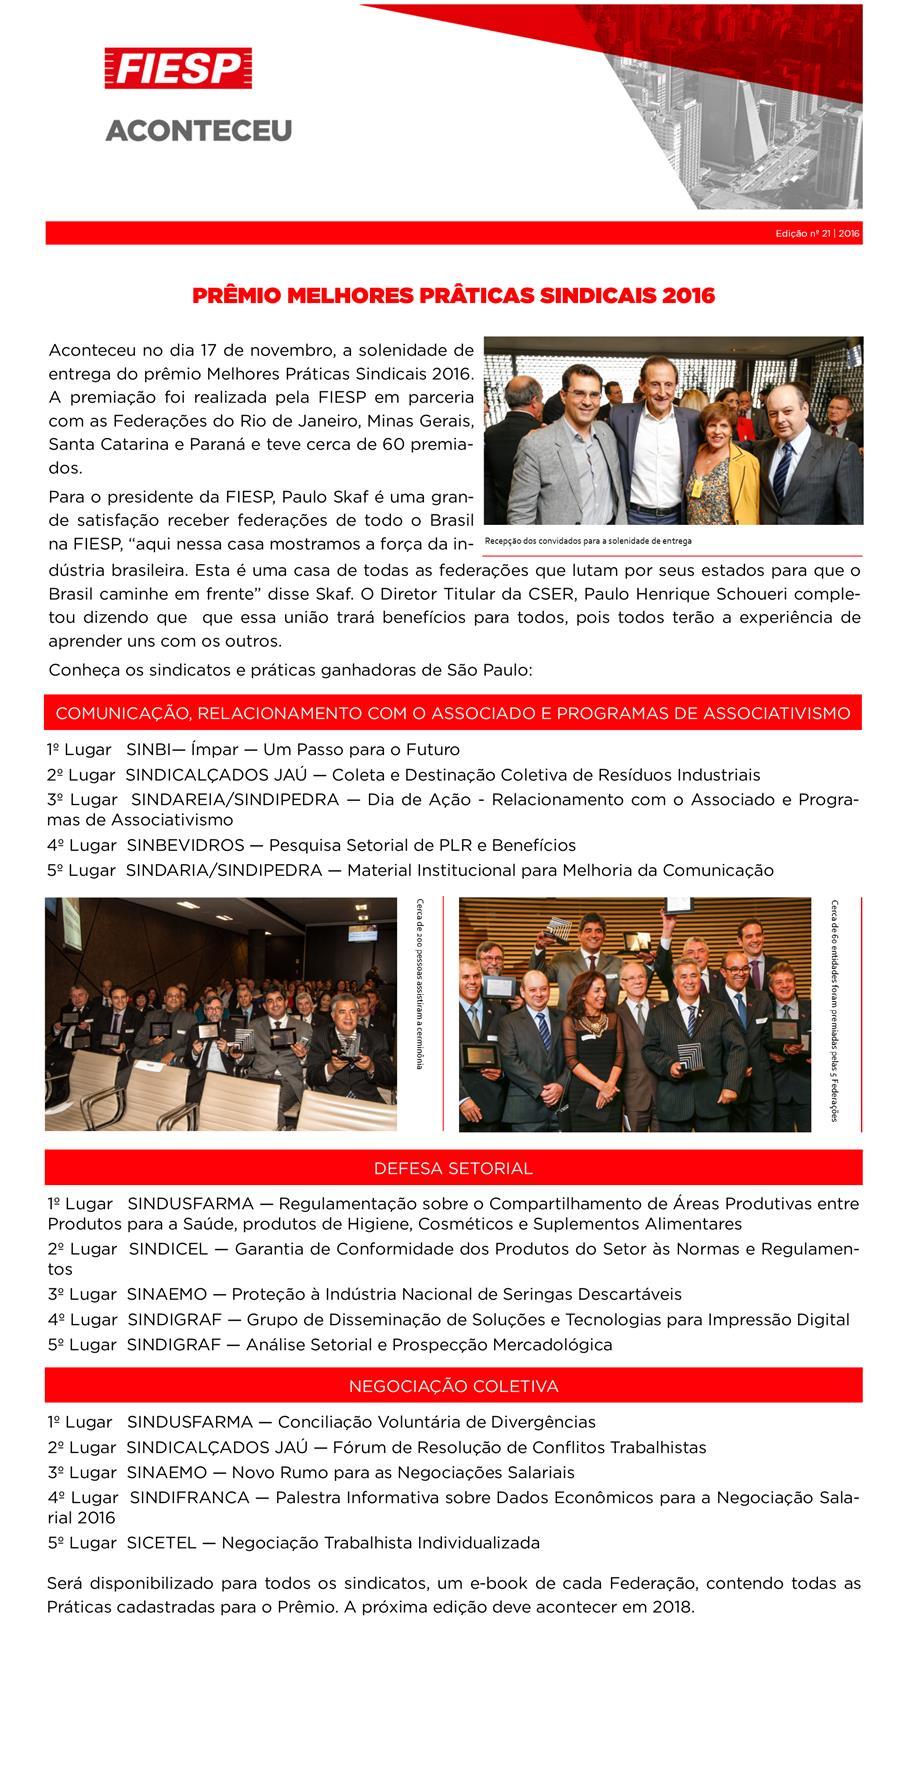 premio_m_praticas_sindicais2016